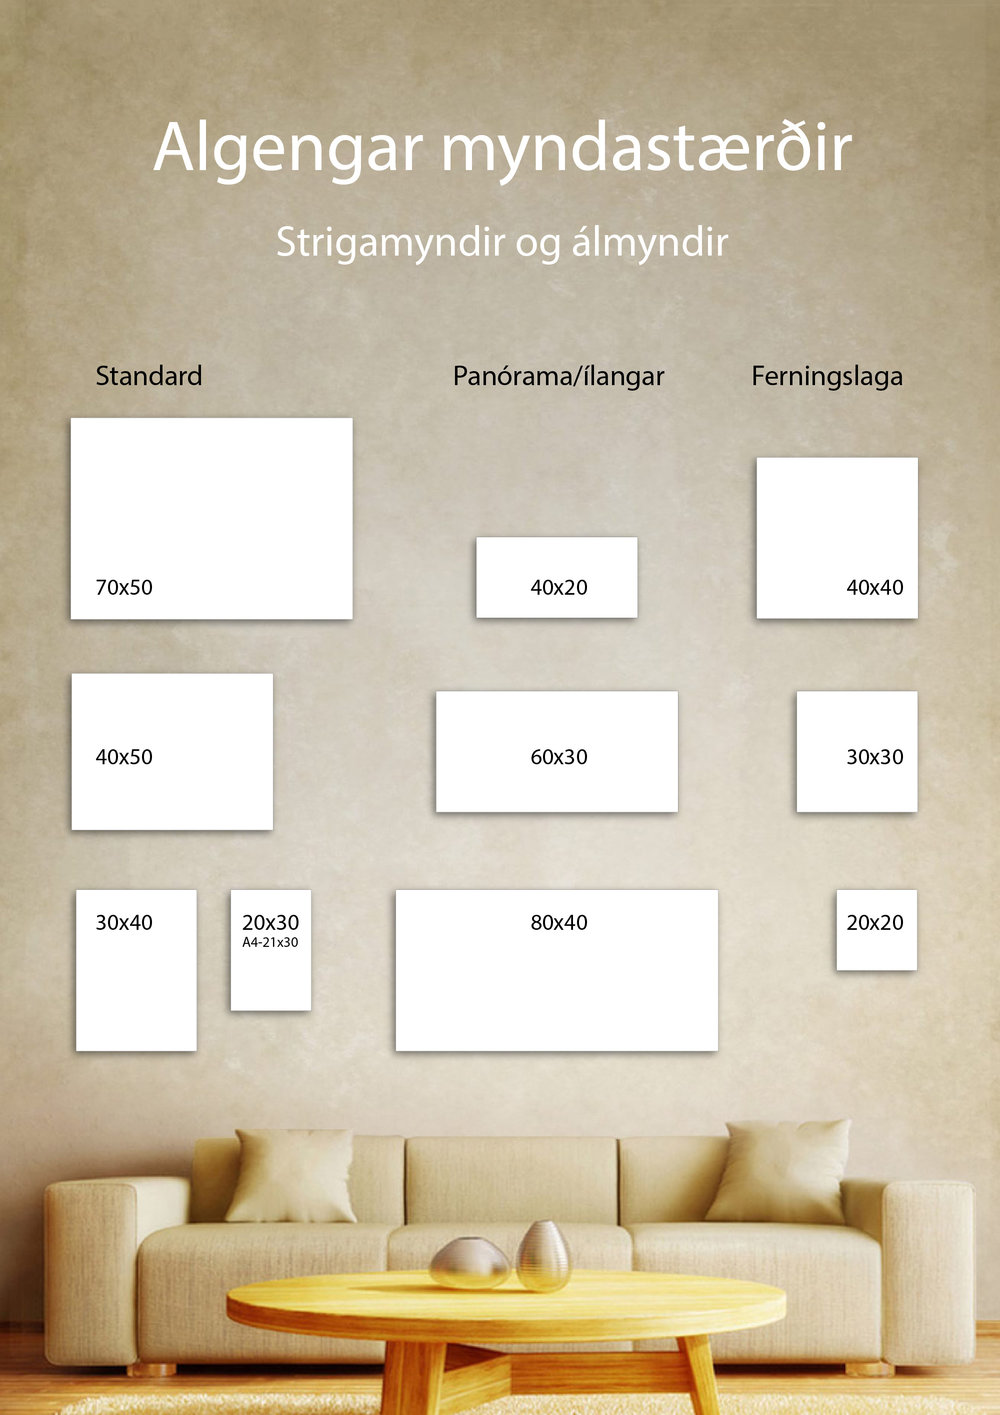 Stærðir